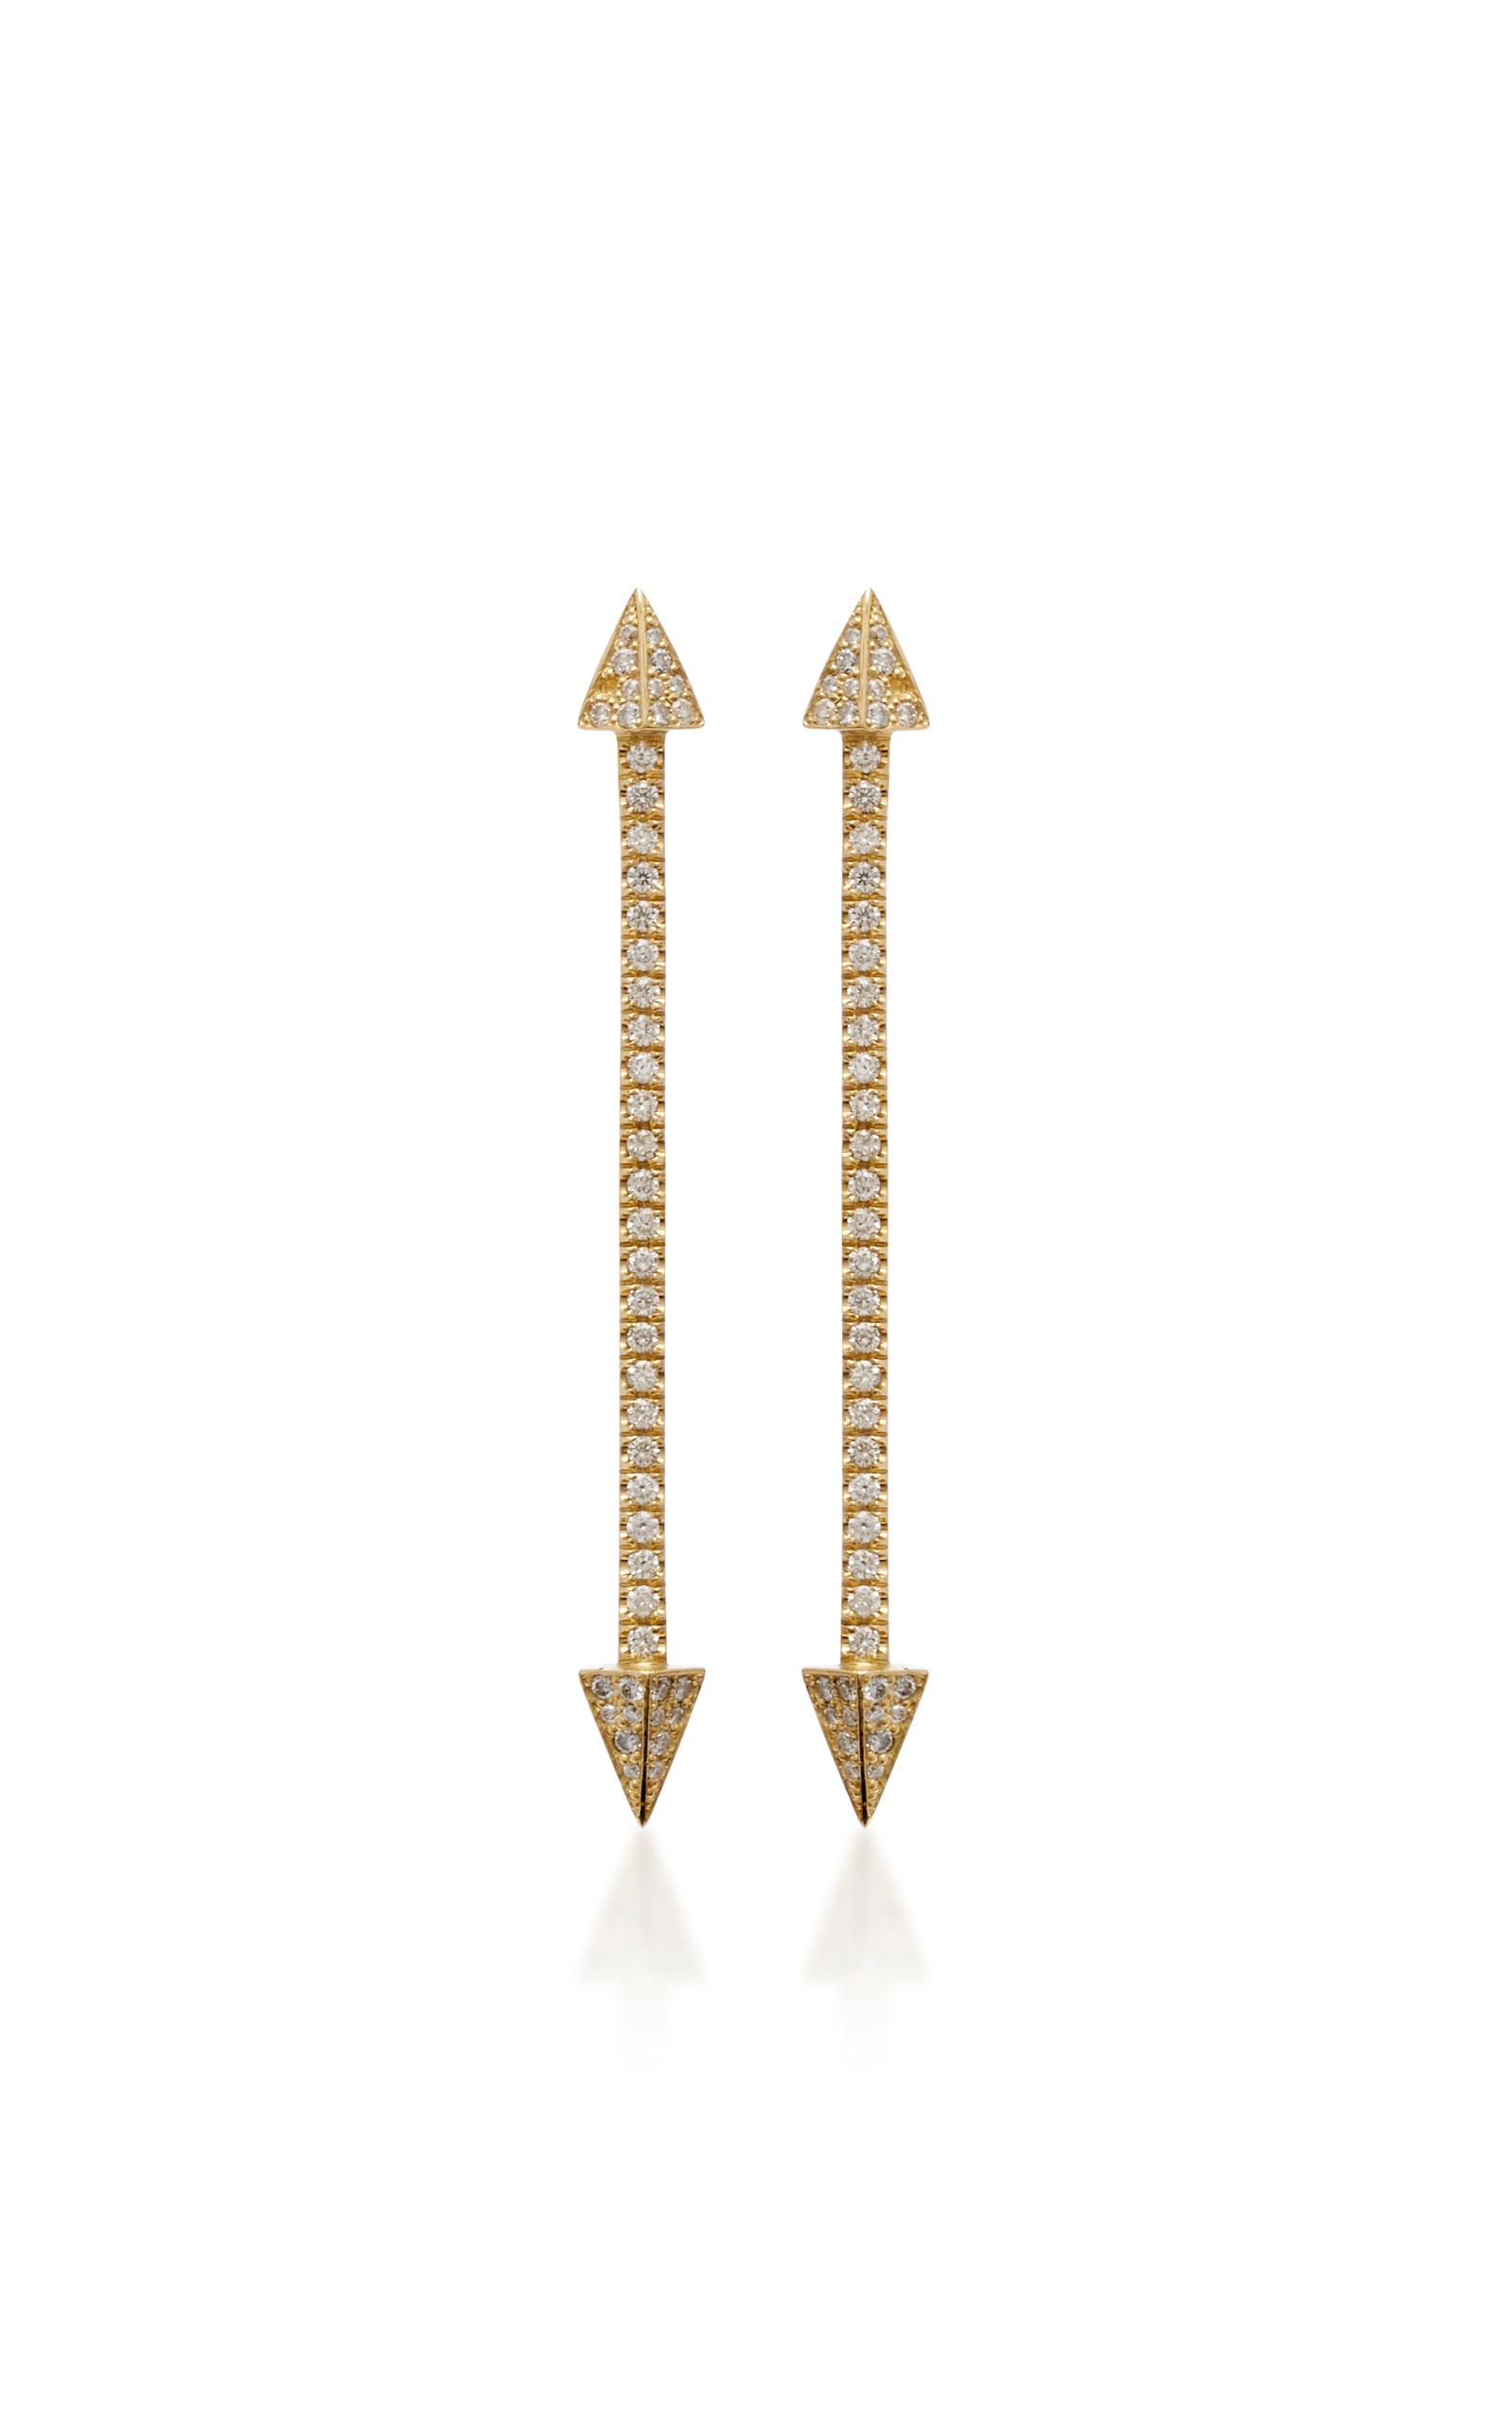 Flecha Larga Pendientes De Diamantes De 18 Quilates De Oro Establecieron YqYjNE